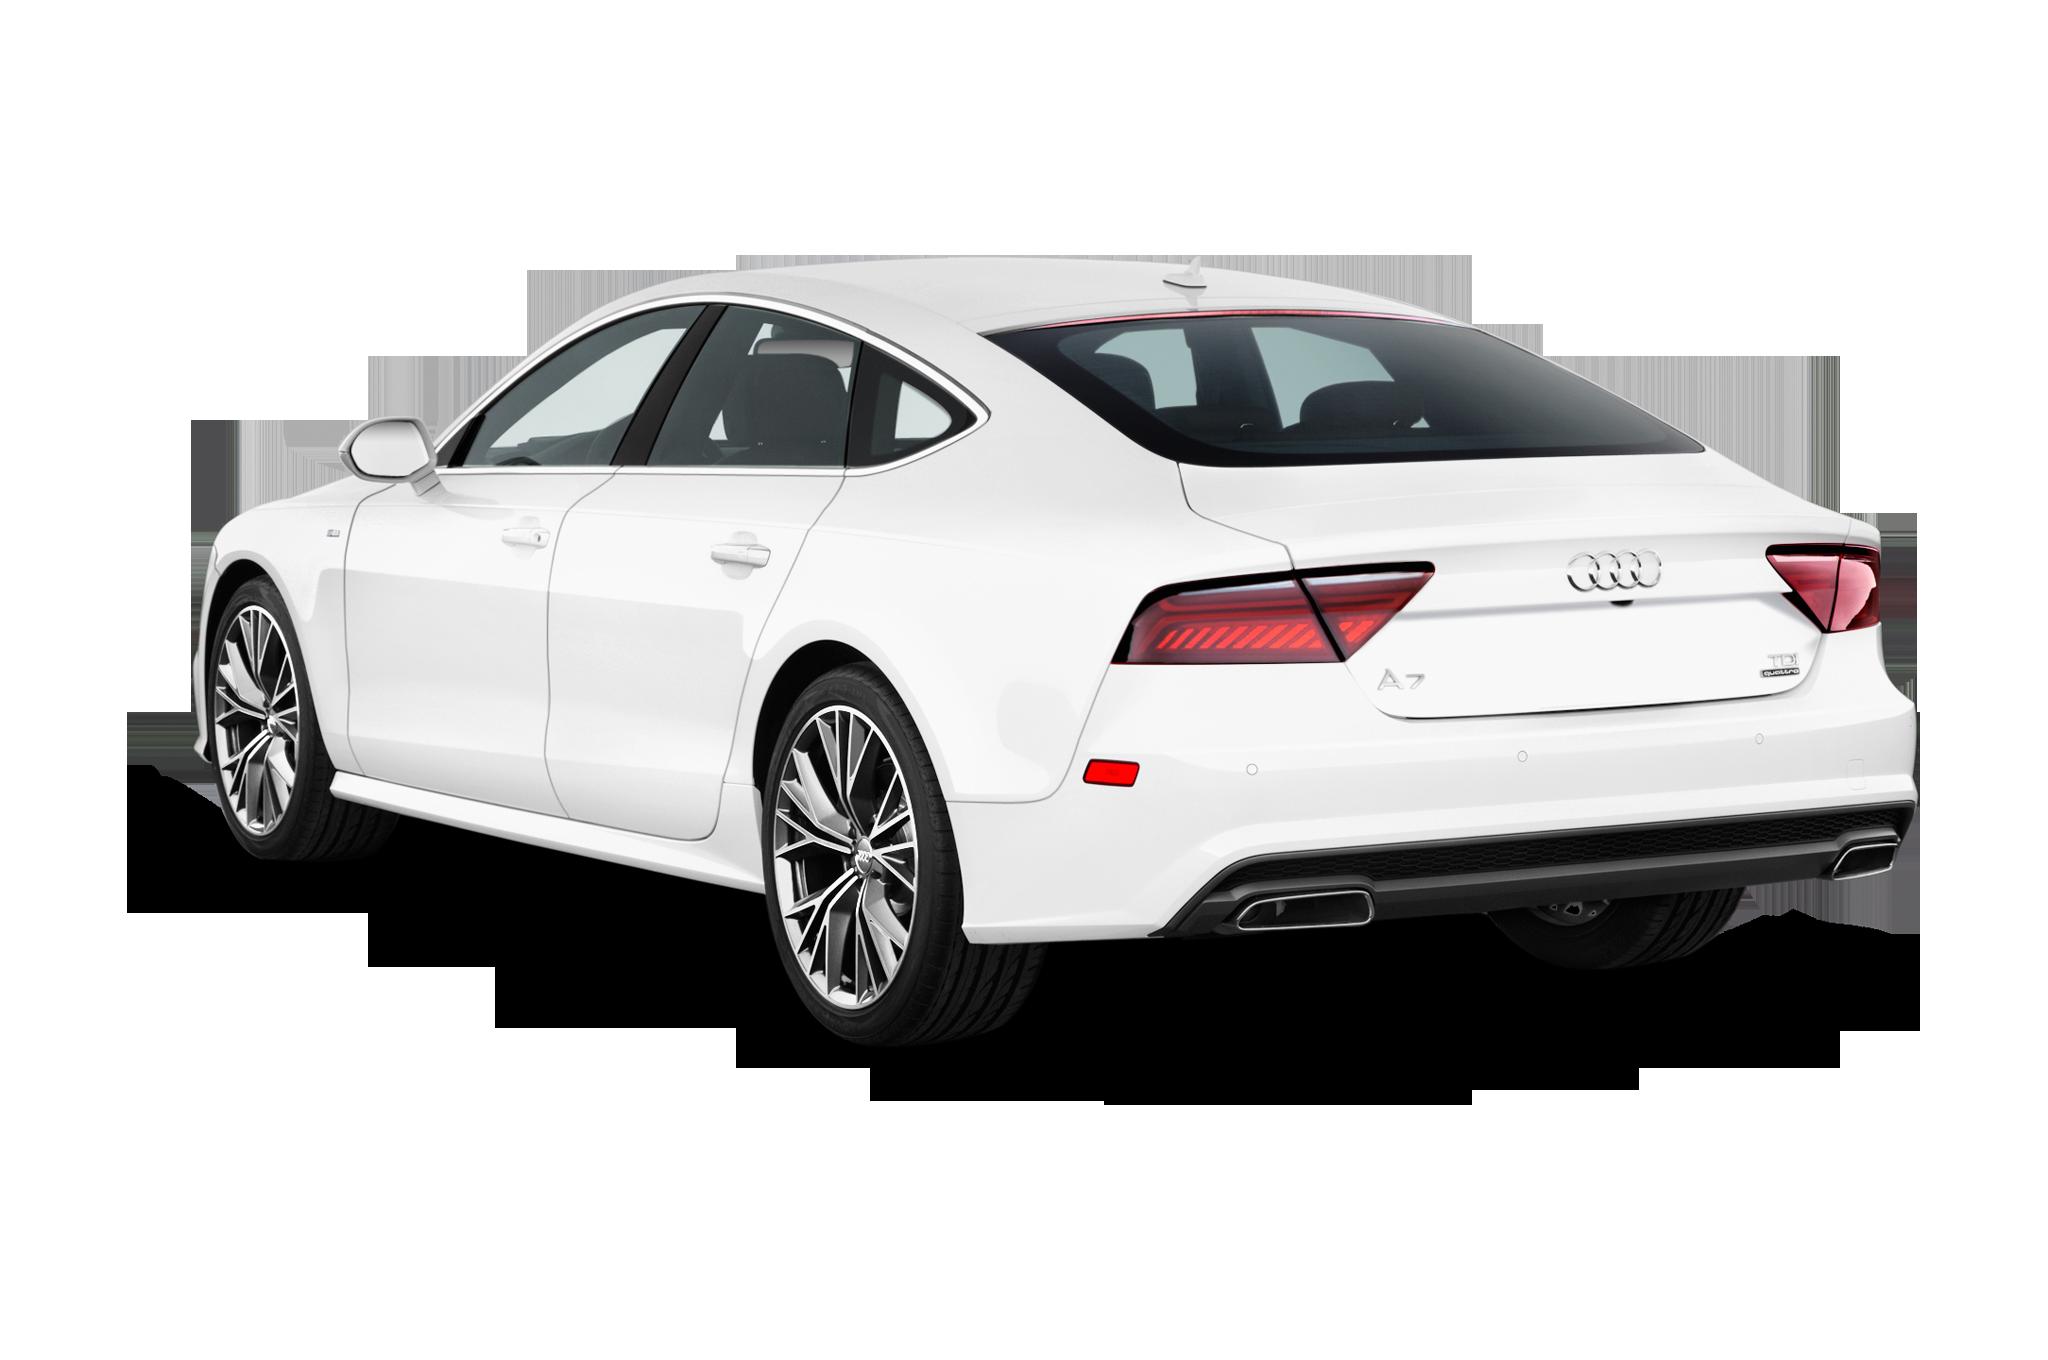 Bảo hiểm VCX cho xe ô tô Audi A7